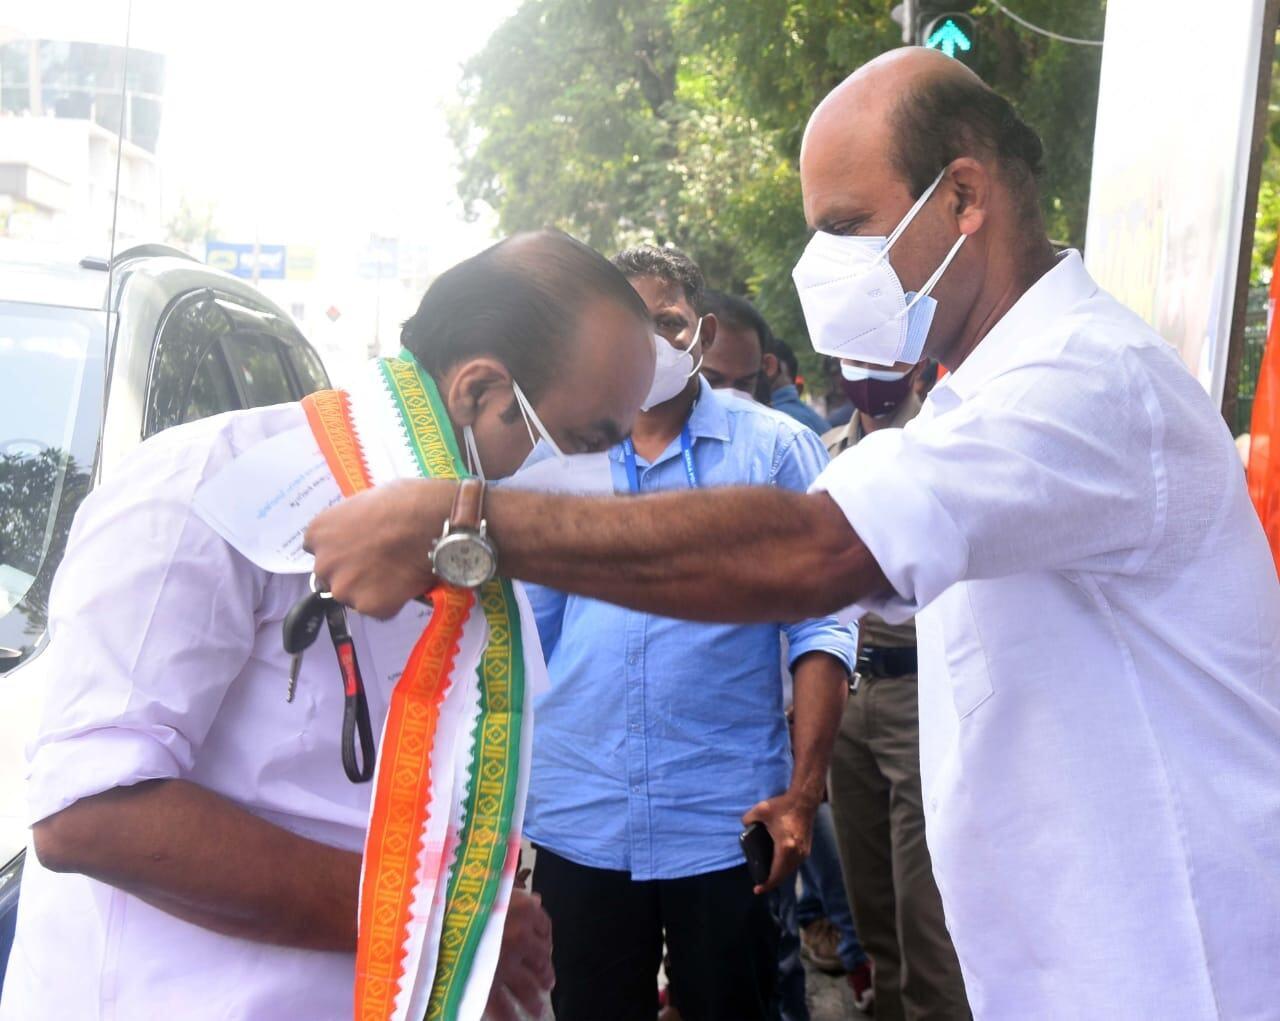 'വിവാഹ സമരം' മുതല്... സെക്രട്ടേറിയറ്റിന് മുമ്പില് പ്രതിപക്ഷ നേതാവ് പങ്കെടുത്ത വിവധ പ്രതിഷേധങ്ങള്, ചിത്രങ്ങള്